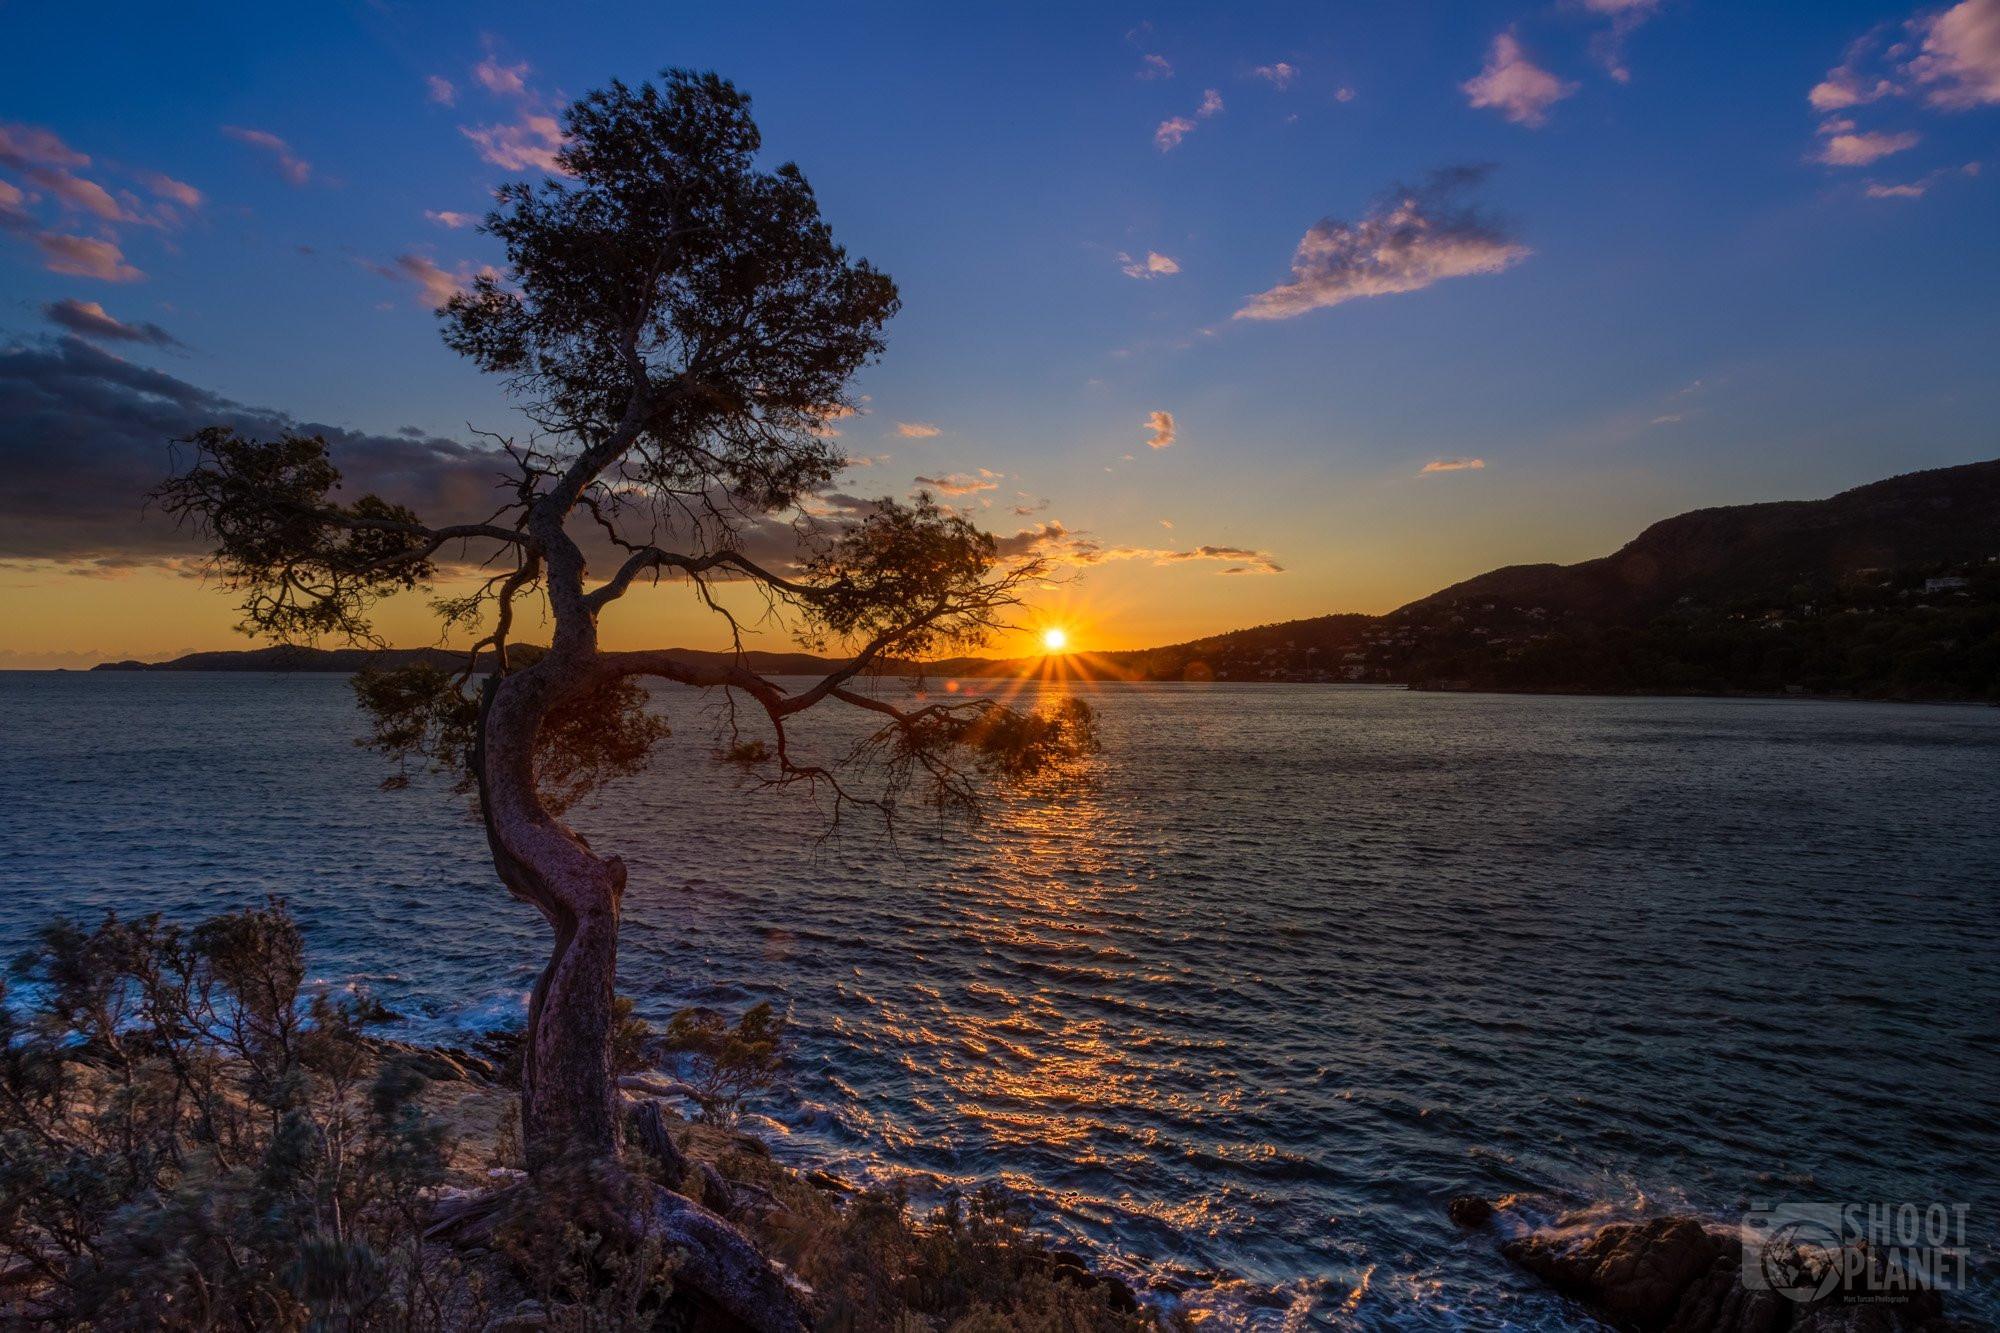 Pointe Layet sunset, Azure coast France